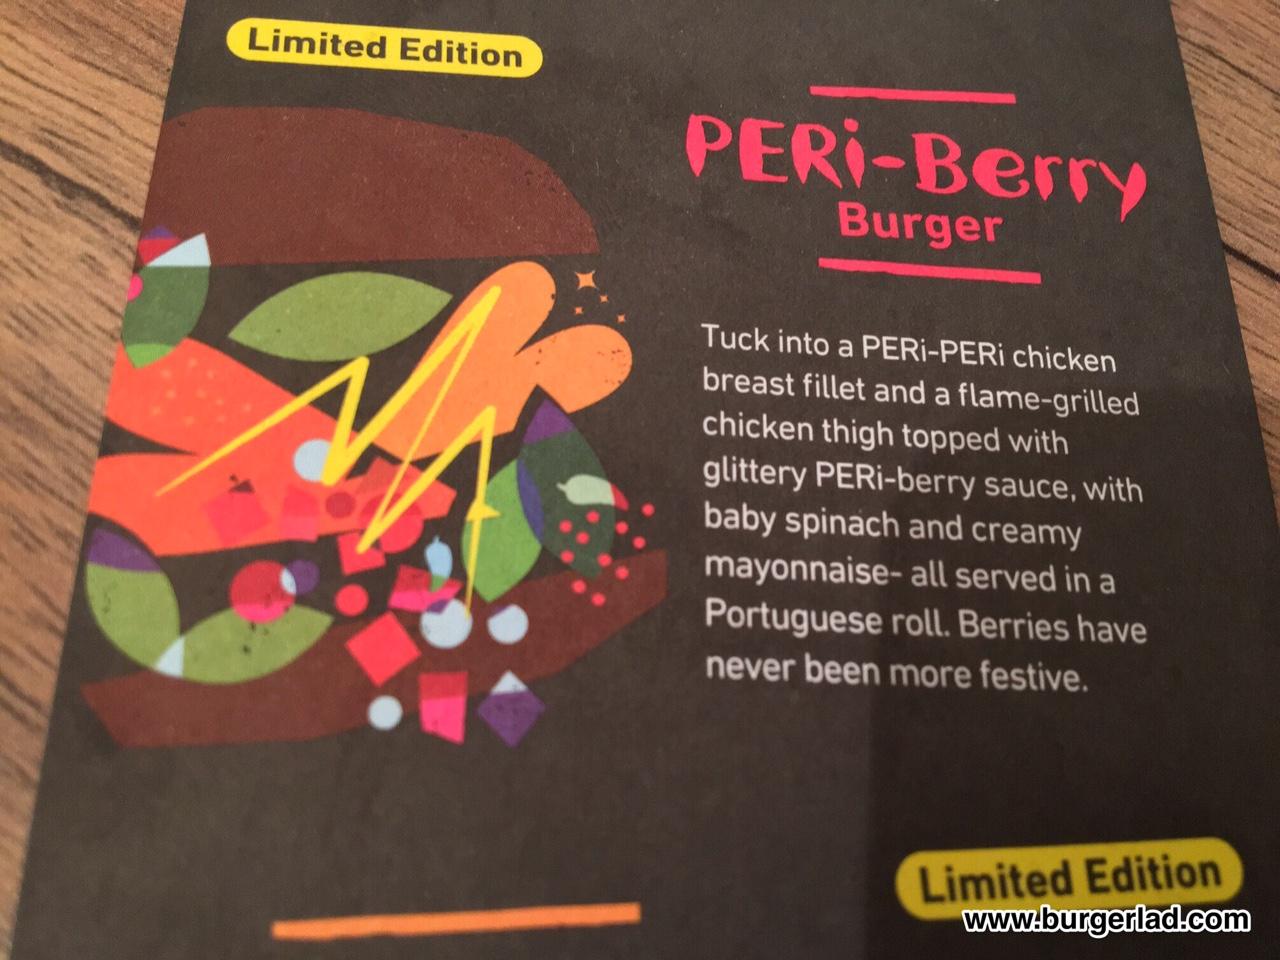 Nando's PERi-Berry Burger